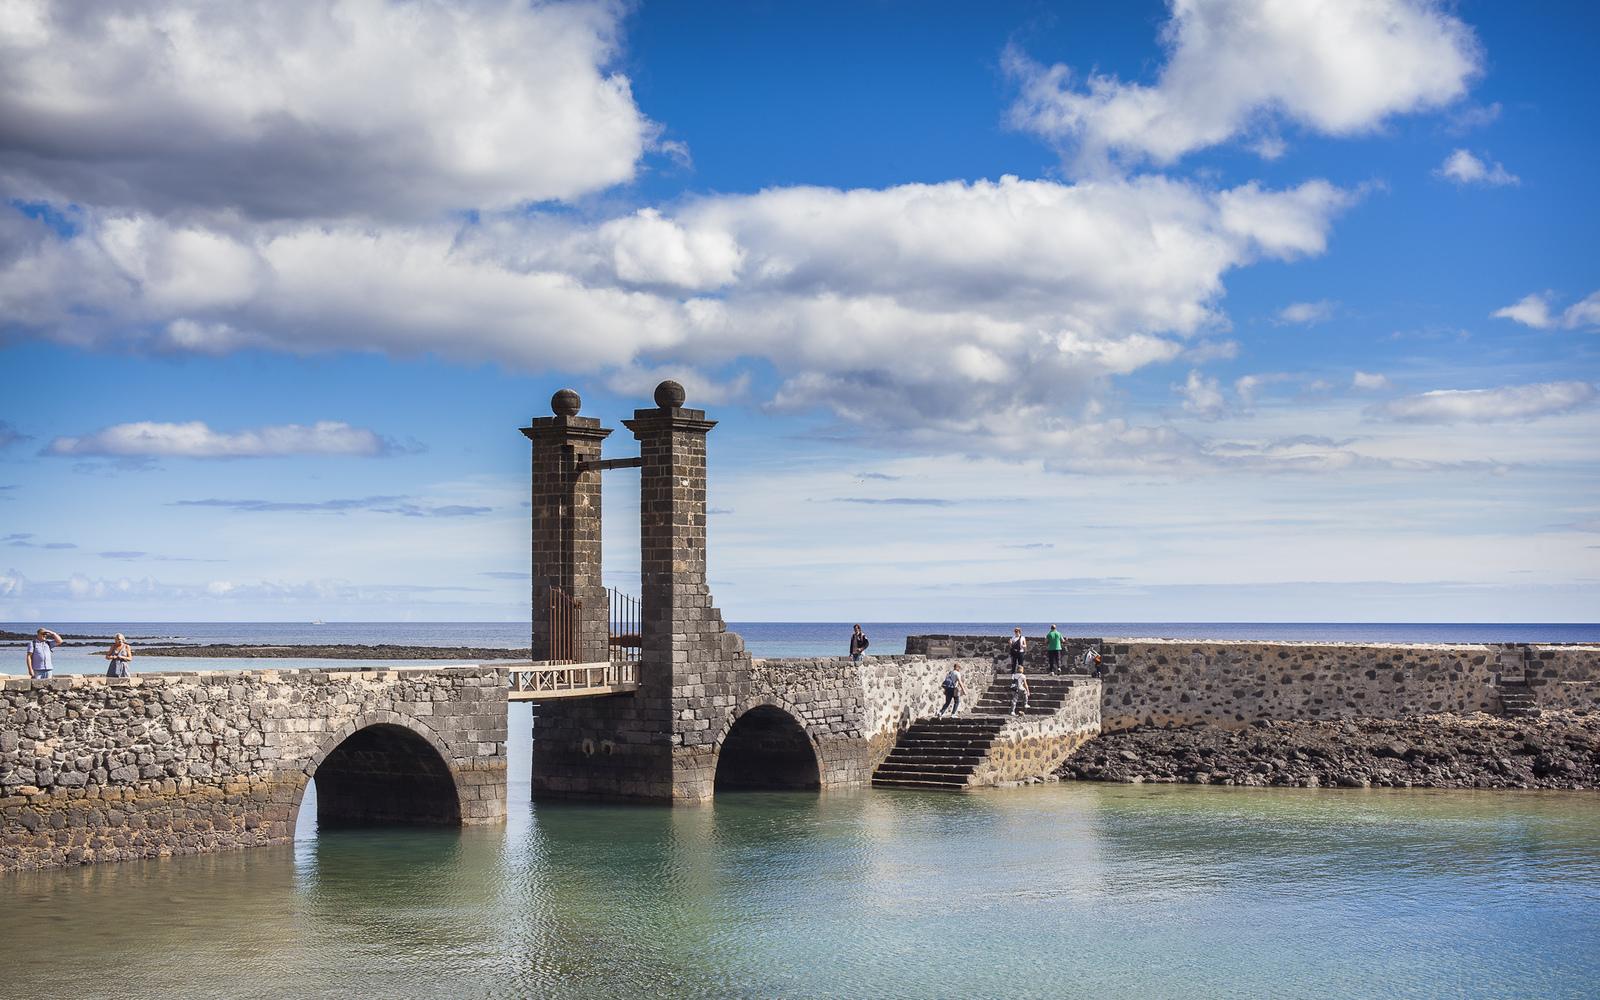 El Puente de las Bolas fotografía de Ramón Pérez Niz